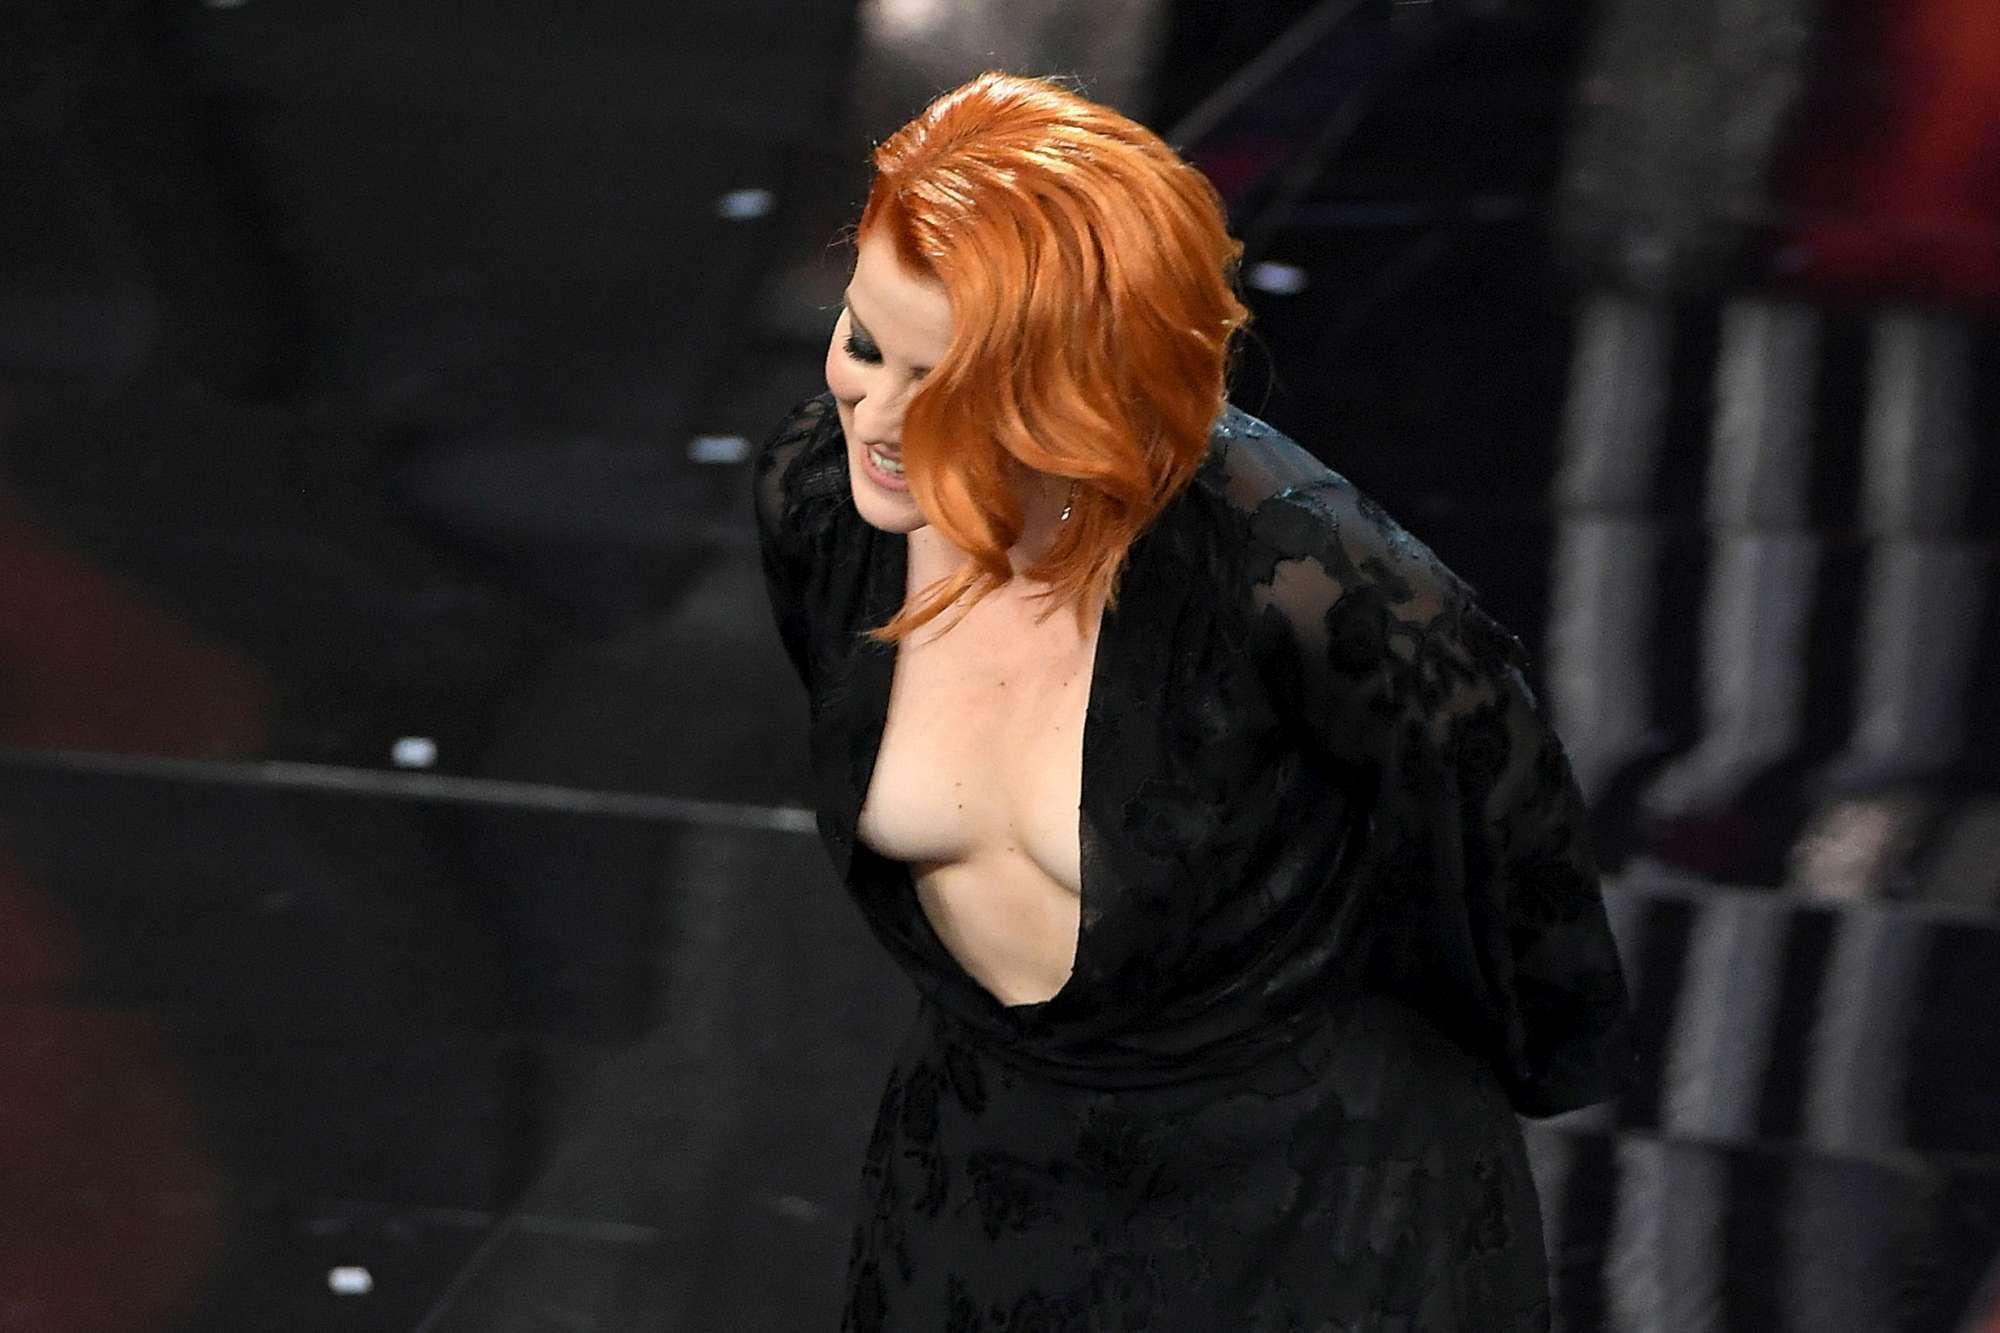 La scollatura  tradisce  Noemi: imprevisto hot sul palco dell Ariston